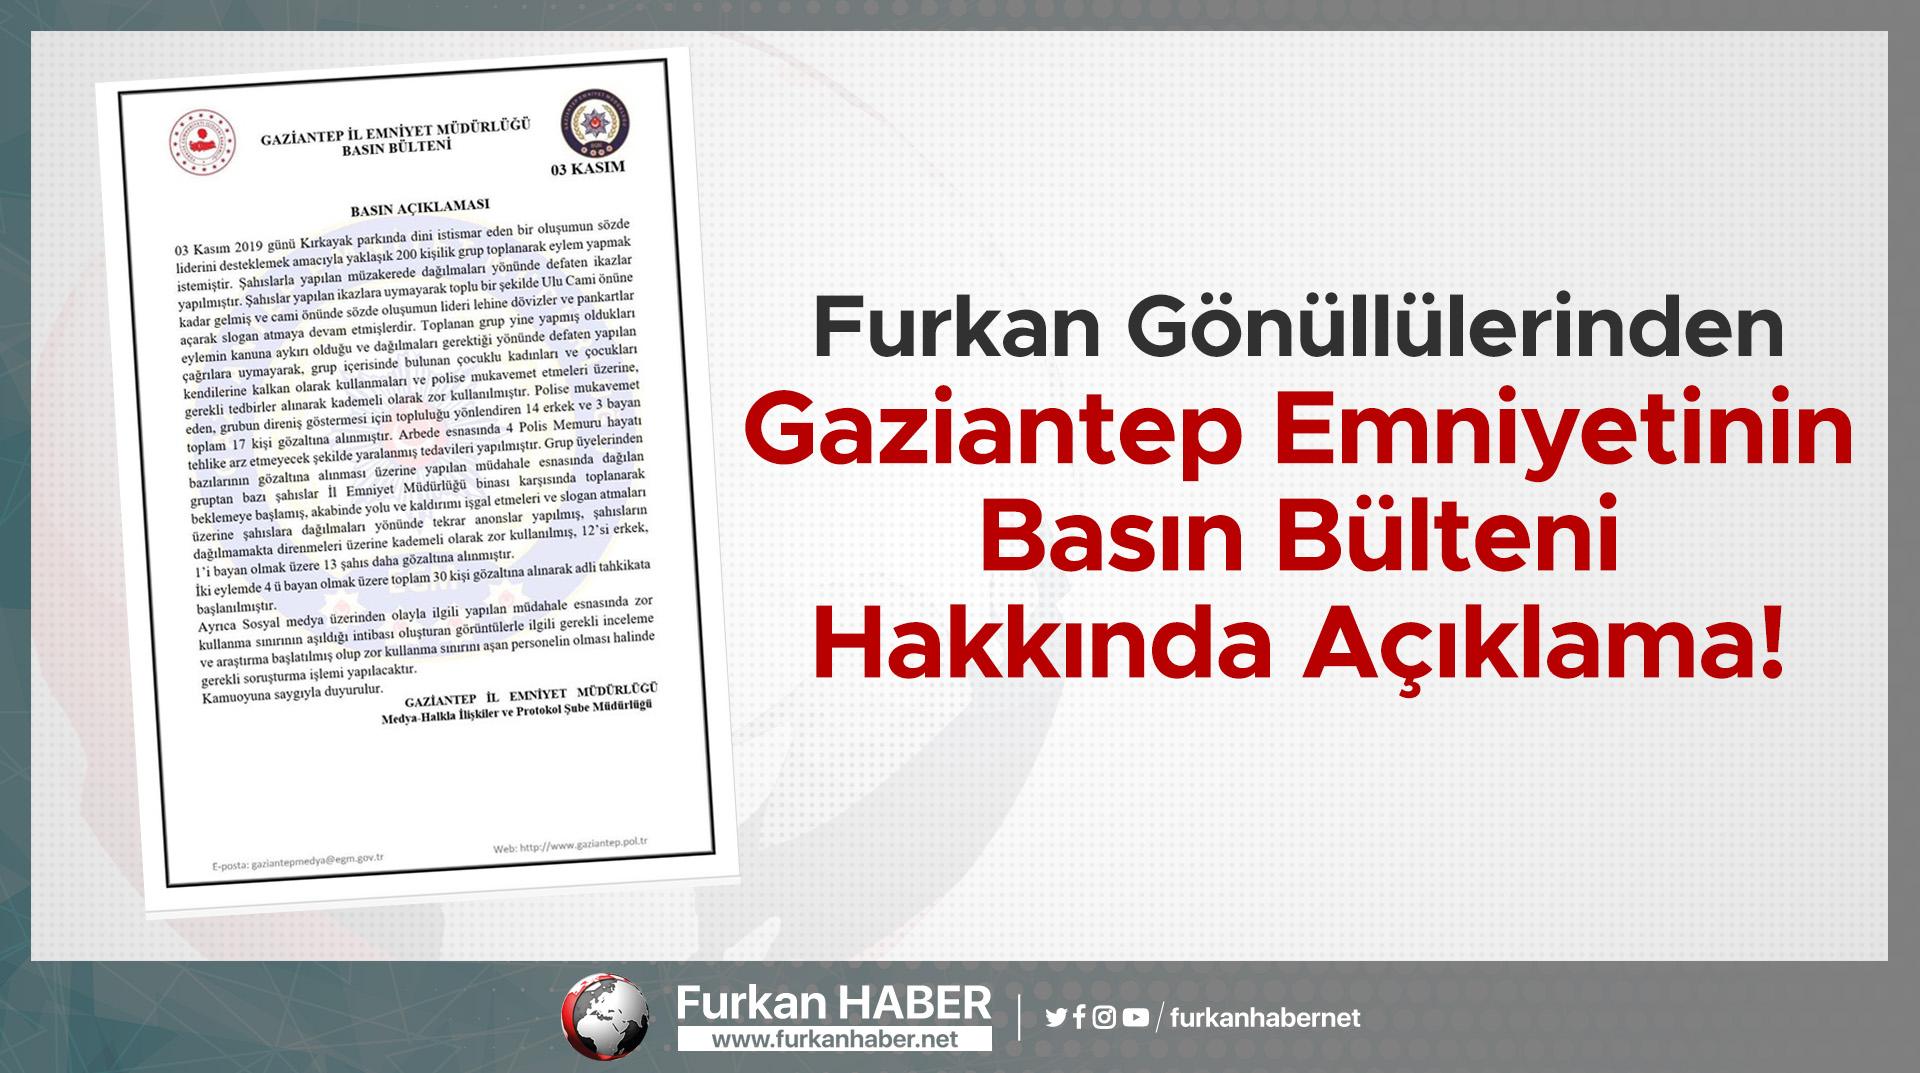 Furkan Gönüllülerinden Gaziantep Emniyetinin Basın Bülteni Hakkında Açıklama!